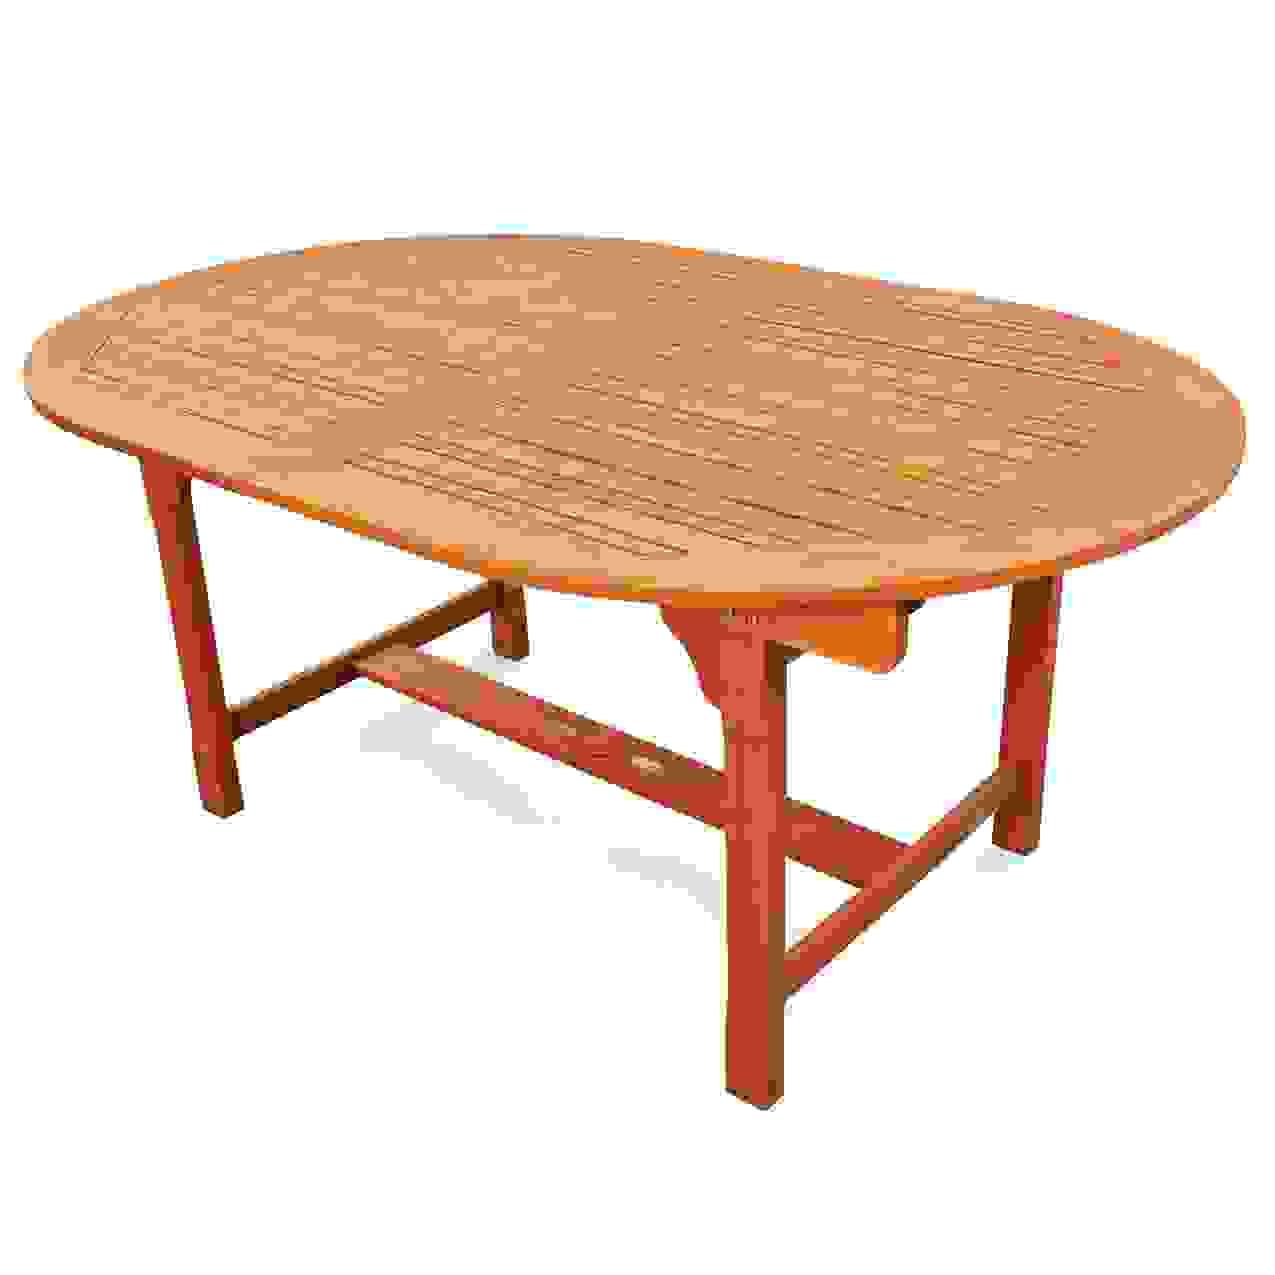 Tolle 50 Von Gartentisch Oval Designideen  Gartenmöbel Ideen von Gartentisch Oval Ausziehbar Alu Bild